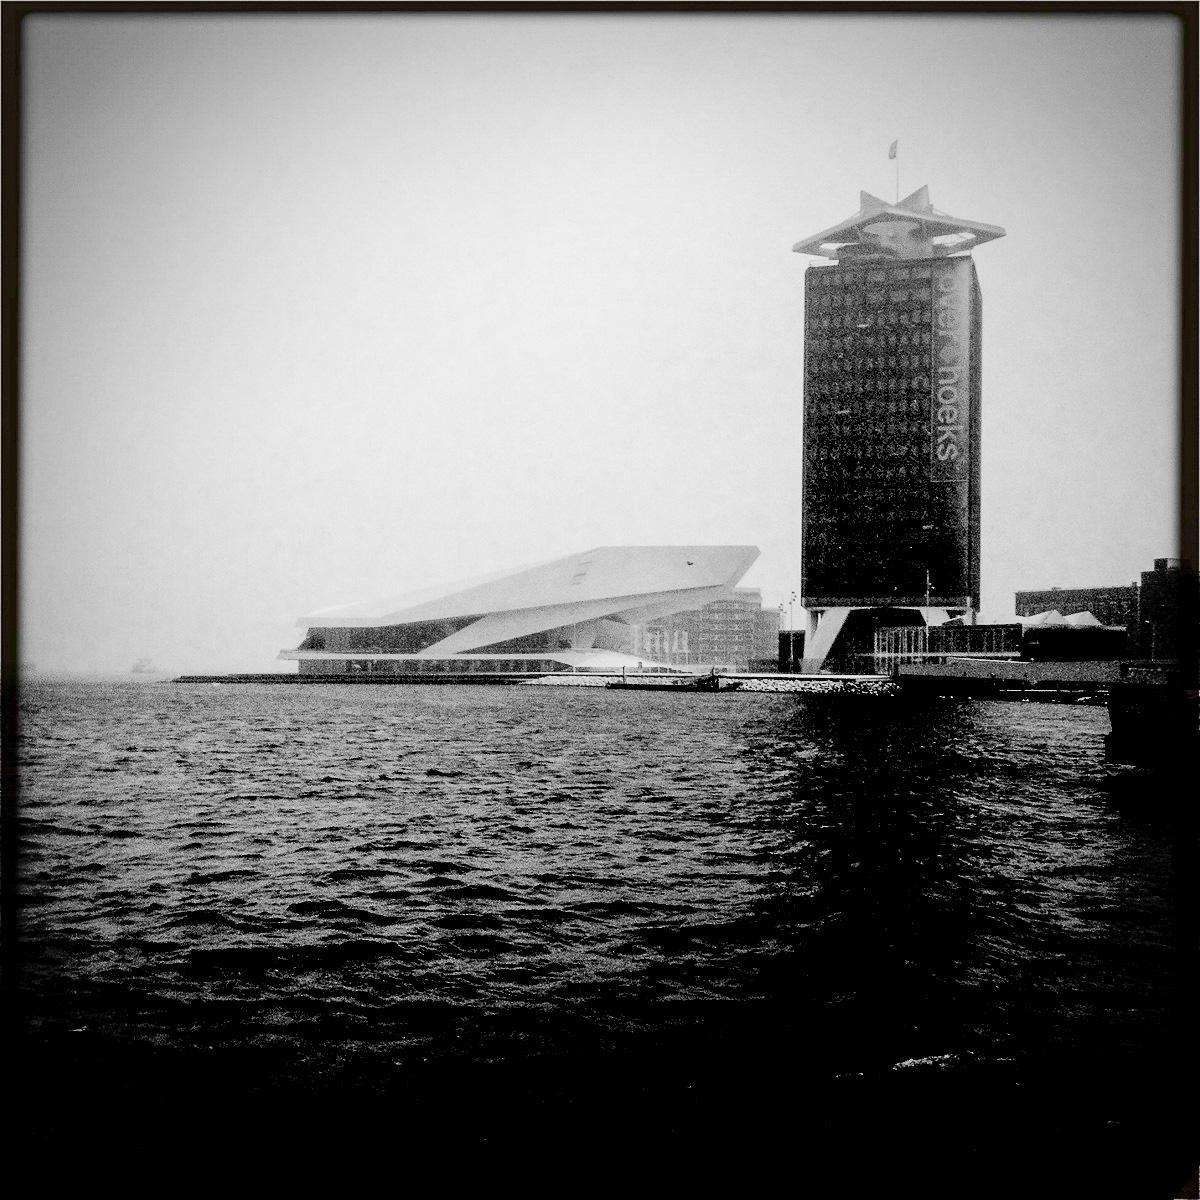 Der Filmmuseum Eye am Ij mit der ehemaligen Shell-Zentrale, die inzwischen als Adam-Tower firmiert.